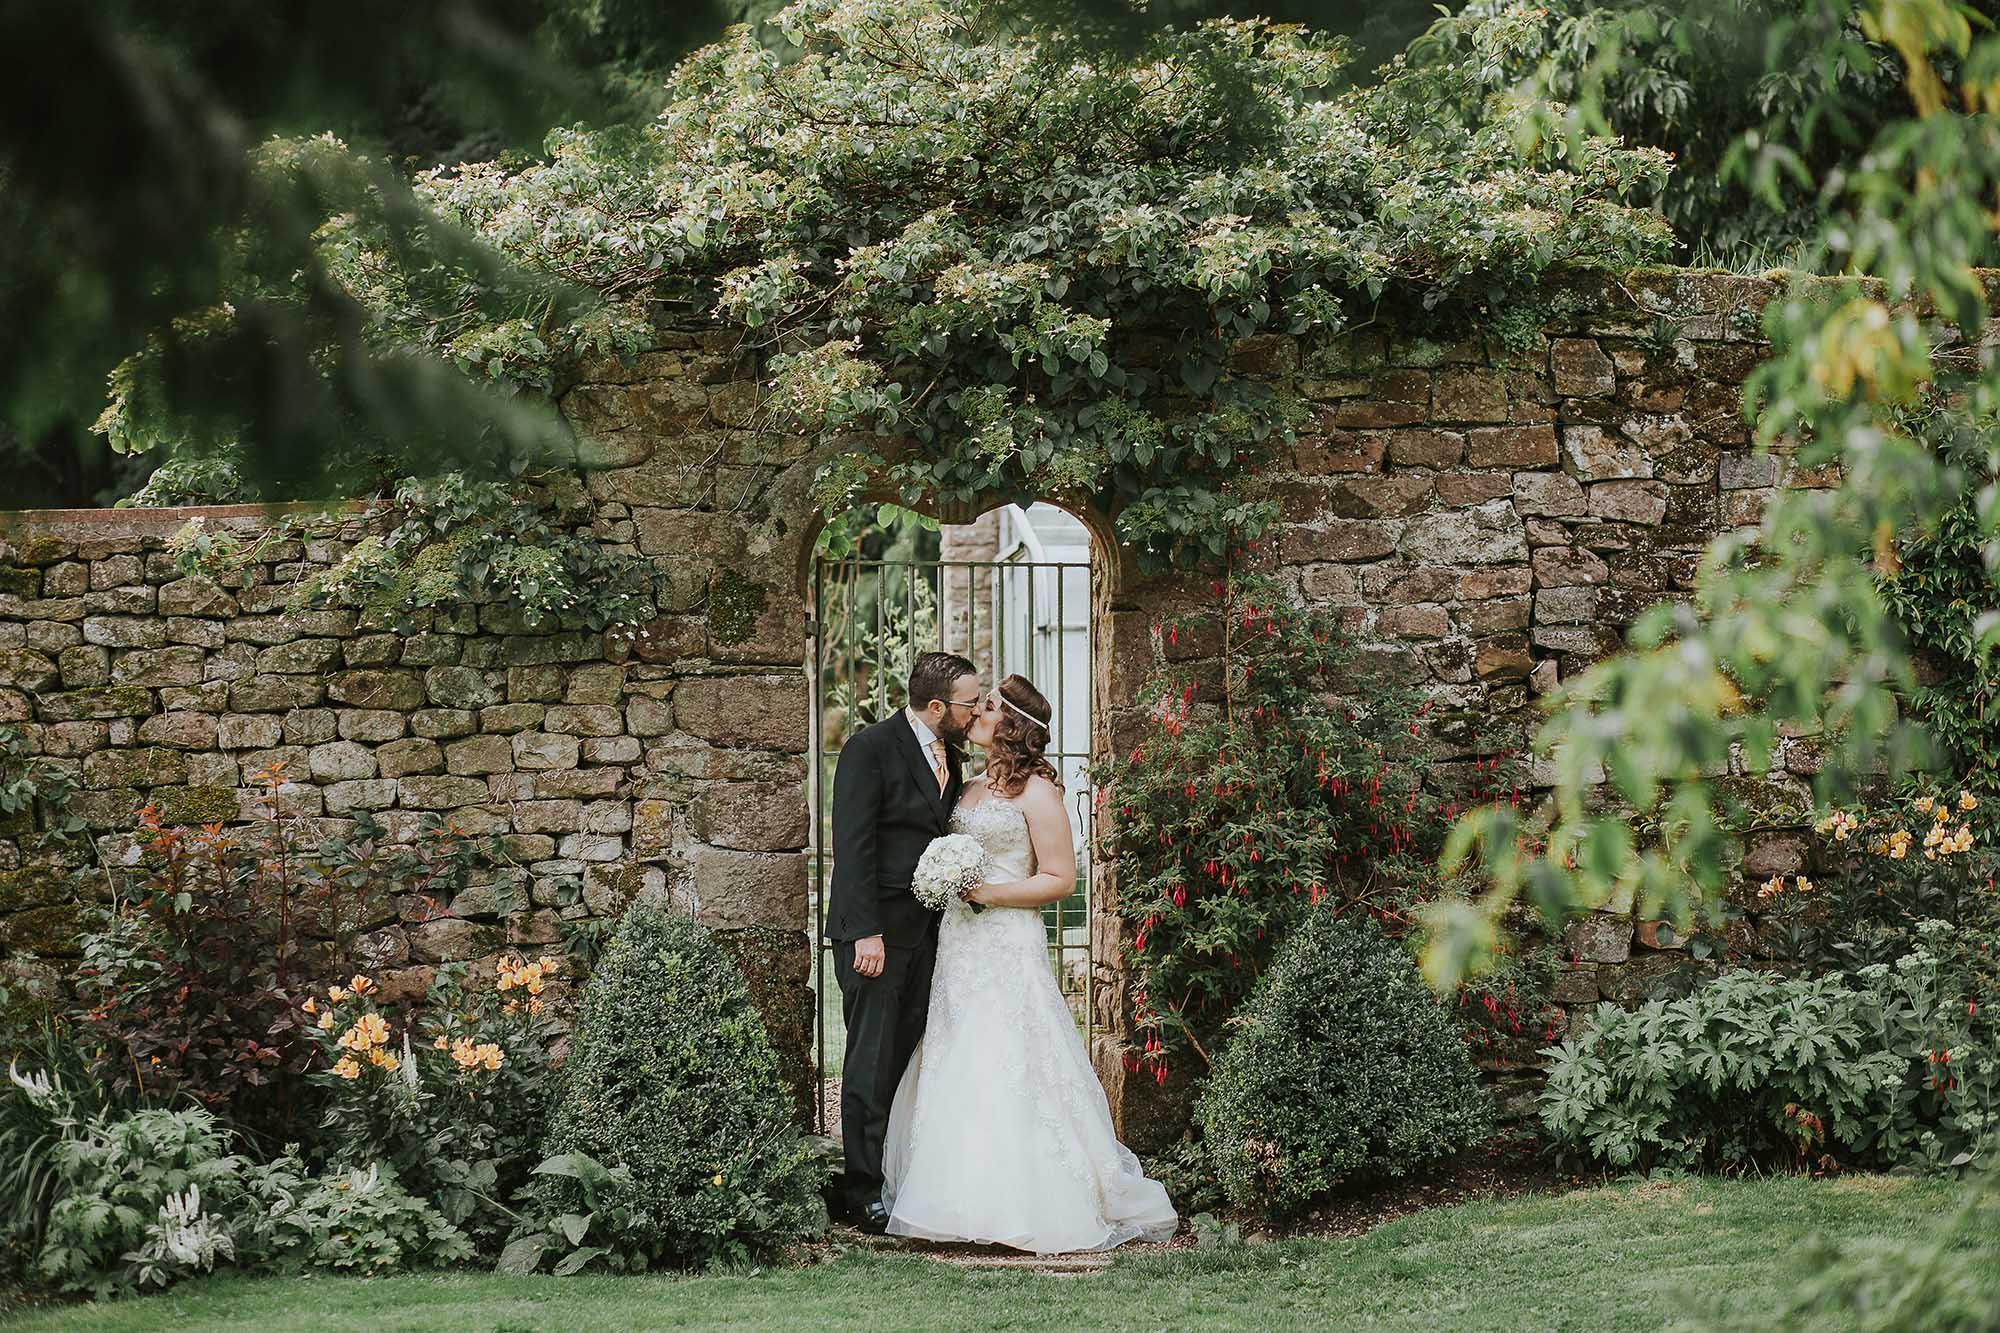 Browsholme Hall gardens